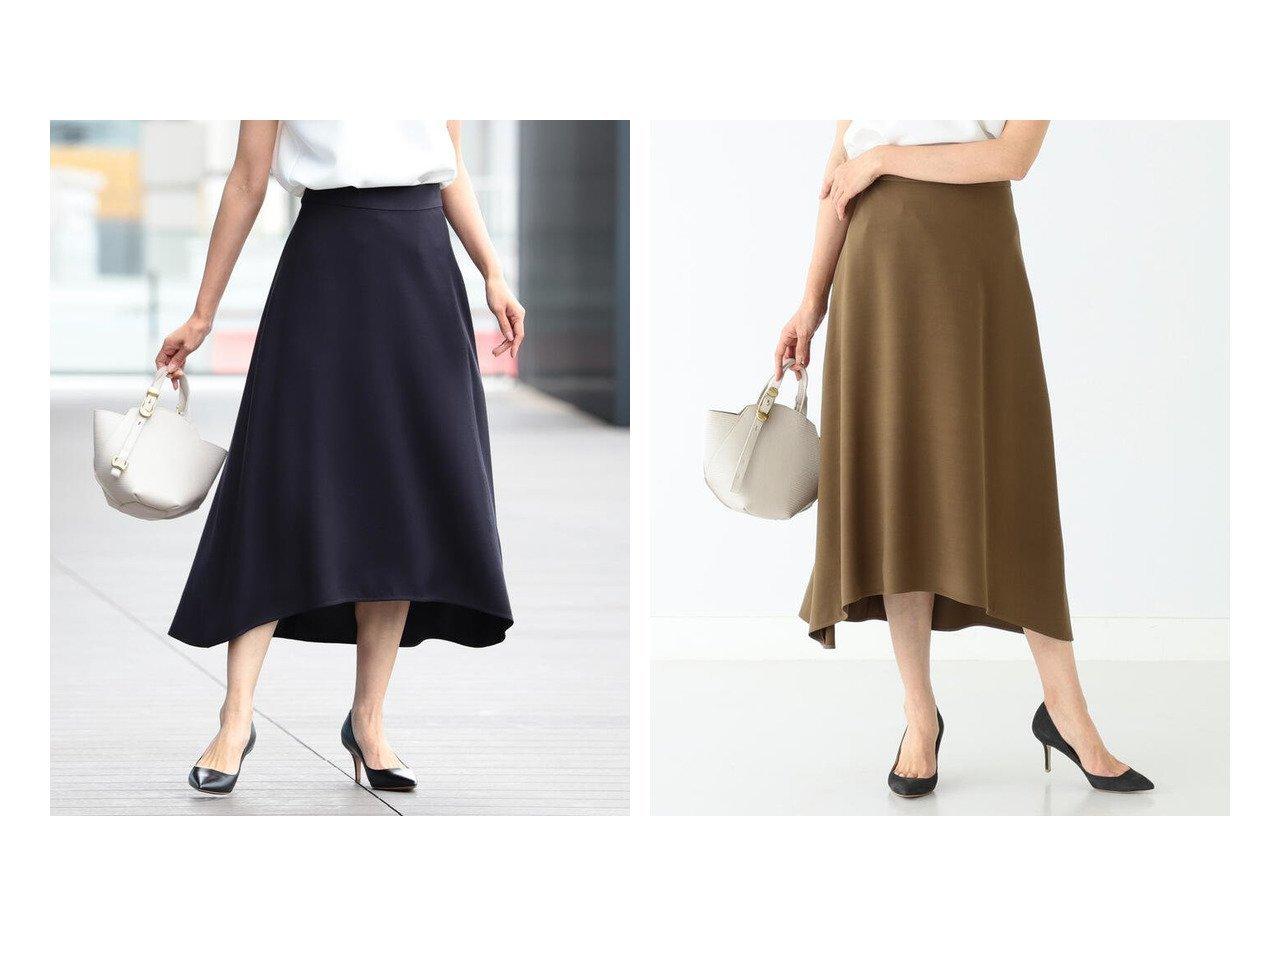 【Demi-Luxe BEAMS/デミルクス ビームス】のDemi- レーヨンシルク フレアスカート 21FO スカートのおすすめ!人気、トレンド・レディースファッションの通販  おすすめで人気の流行・トレンド、ファッションの通販商品 メンズファッション・キッズファッション・インテリア・家具・レディースファッション・服の通販 founy(ファニー) https://founy.com/ ファッション Fashion レディースファッション WOMEN スカート Skirt Aライン/フレアスカート Flared A-Line Skirts とろみ ギャザー シルク シンプル フィット フォーマル フレア |ID:crp329100000015607